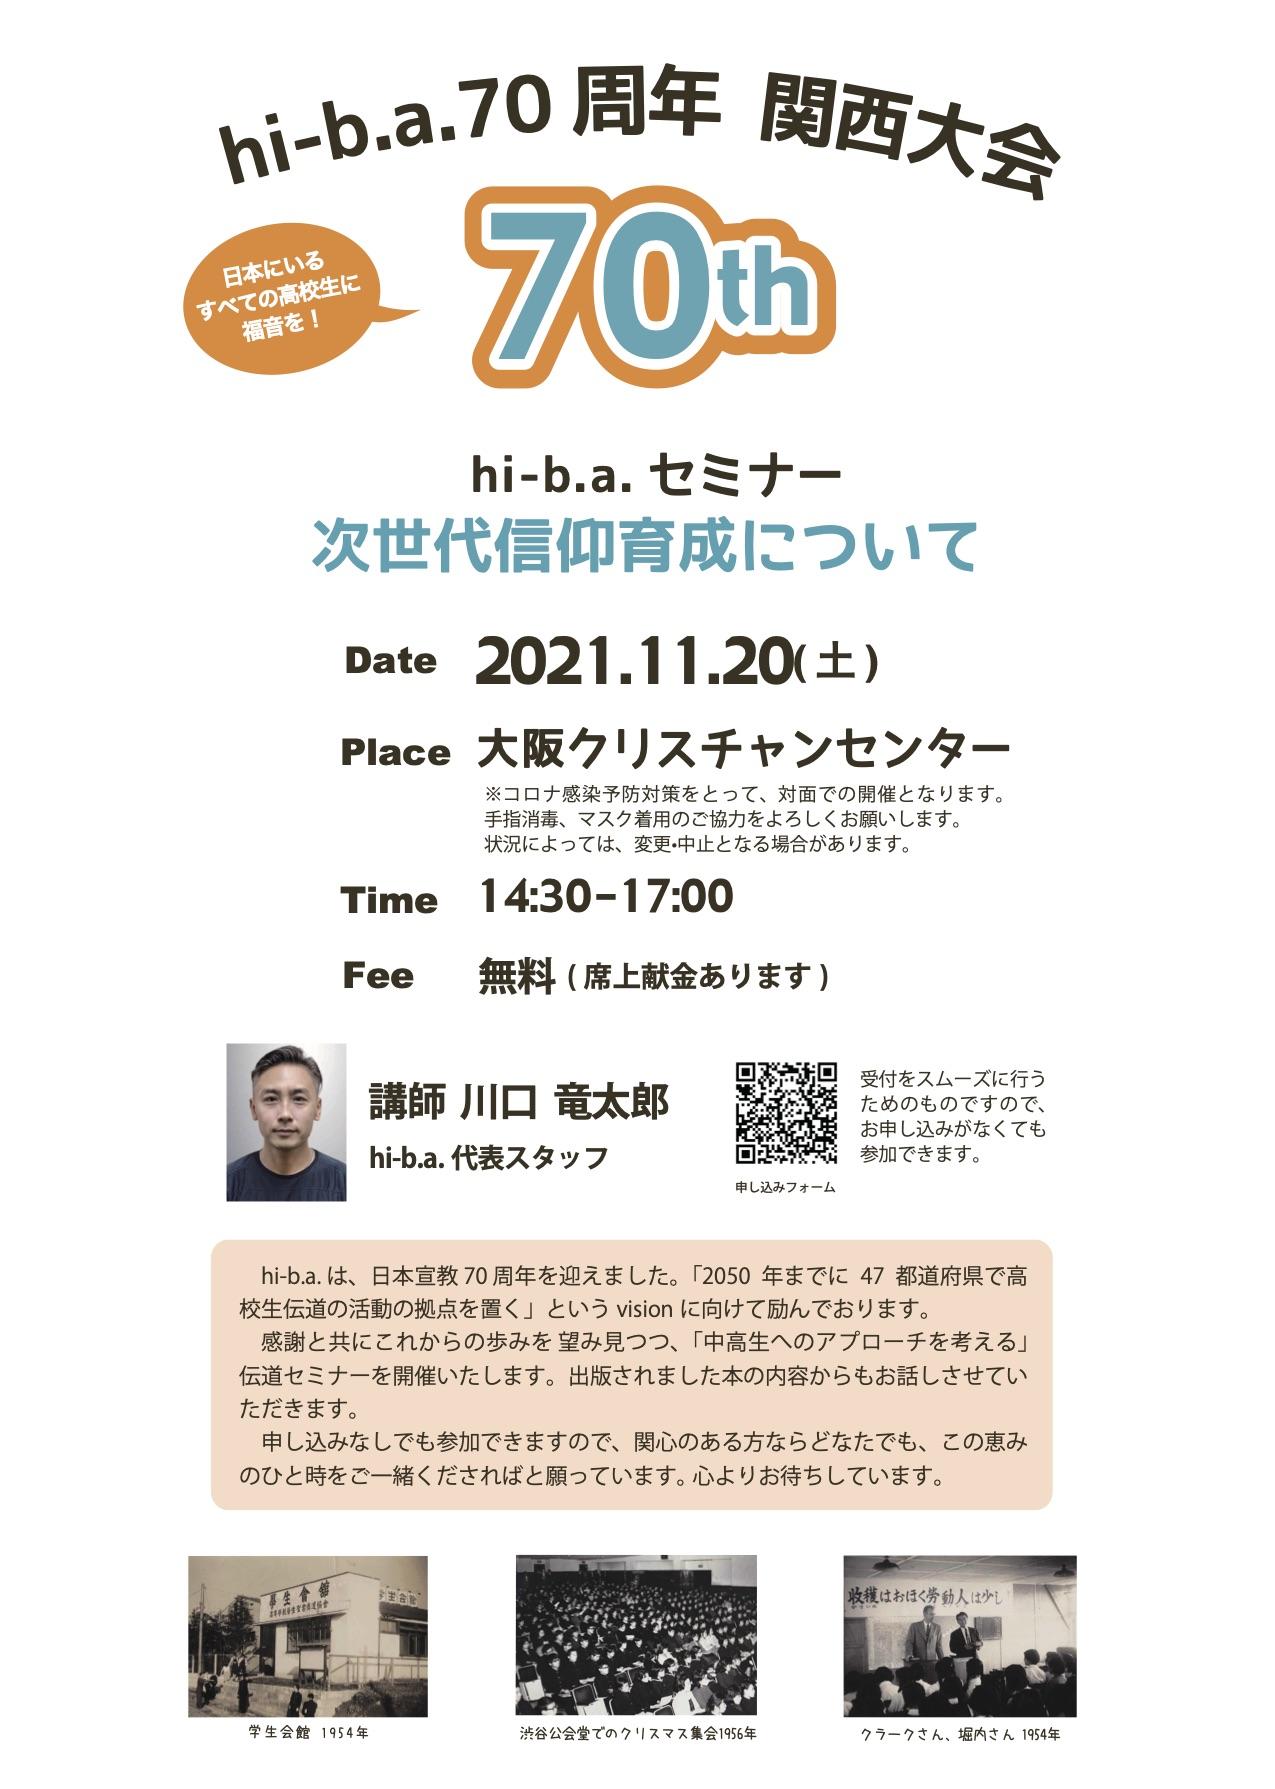 【hi-b.a.70周年 関西大会】hi-b.a.セミナー「次世代信仰育成について」のチラシ